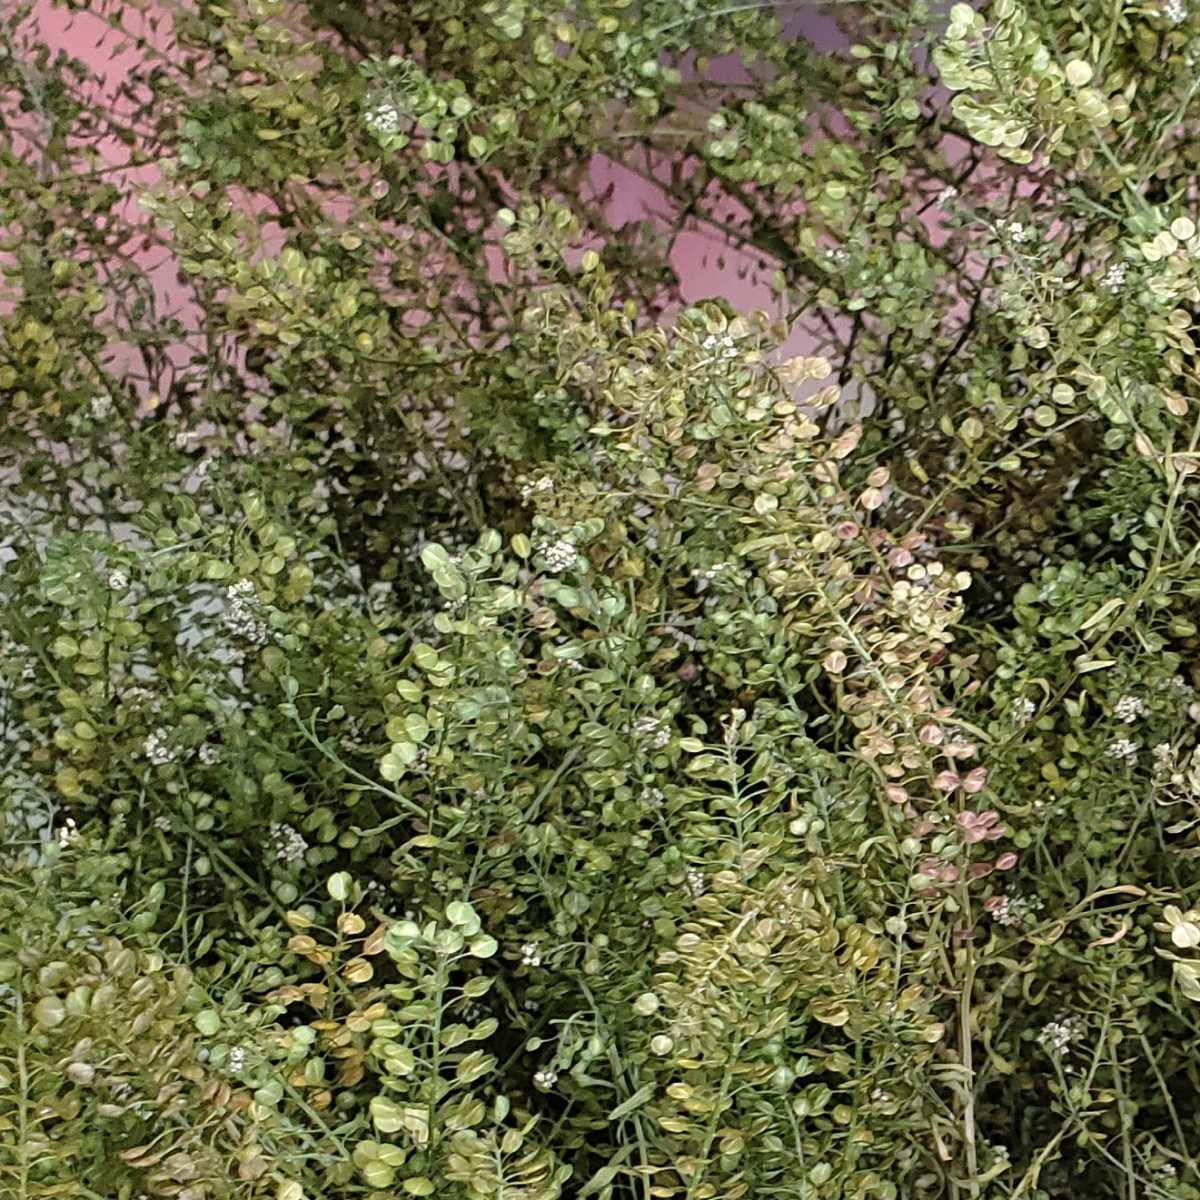 マメグンバイナズナ 種 100粒以上 アブラナ科 ドライフラワー スワッグ リース アレンジ 山野草 _画像2